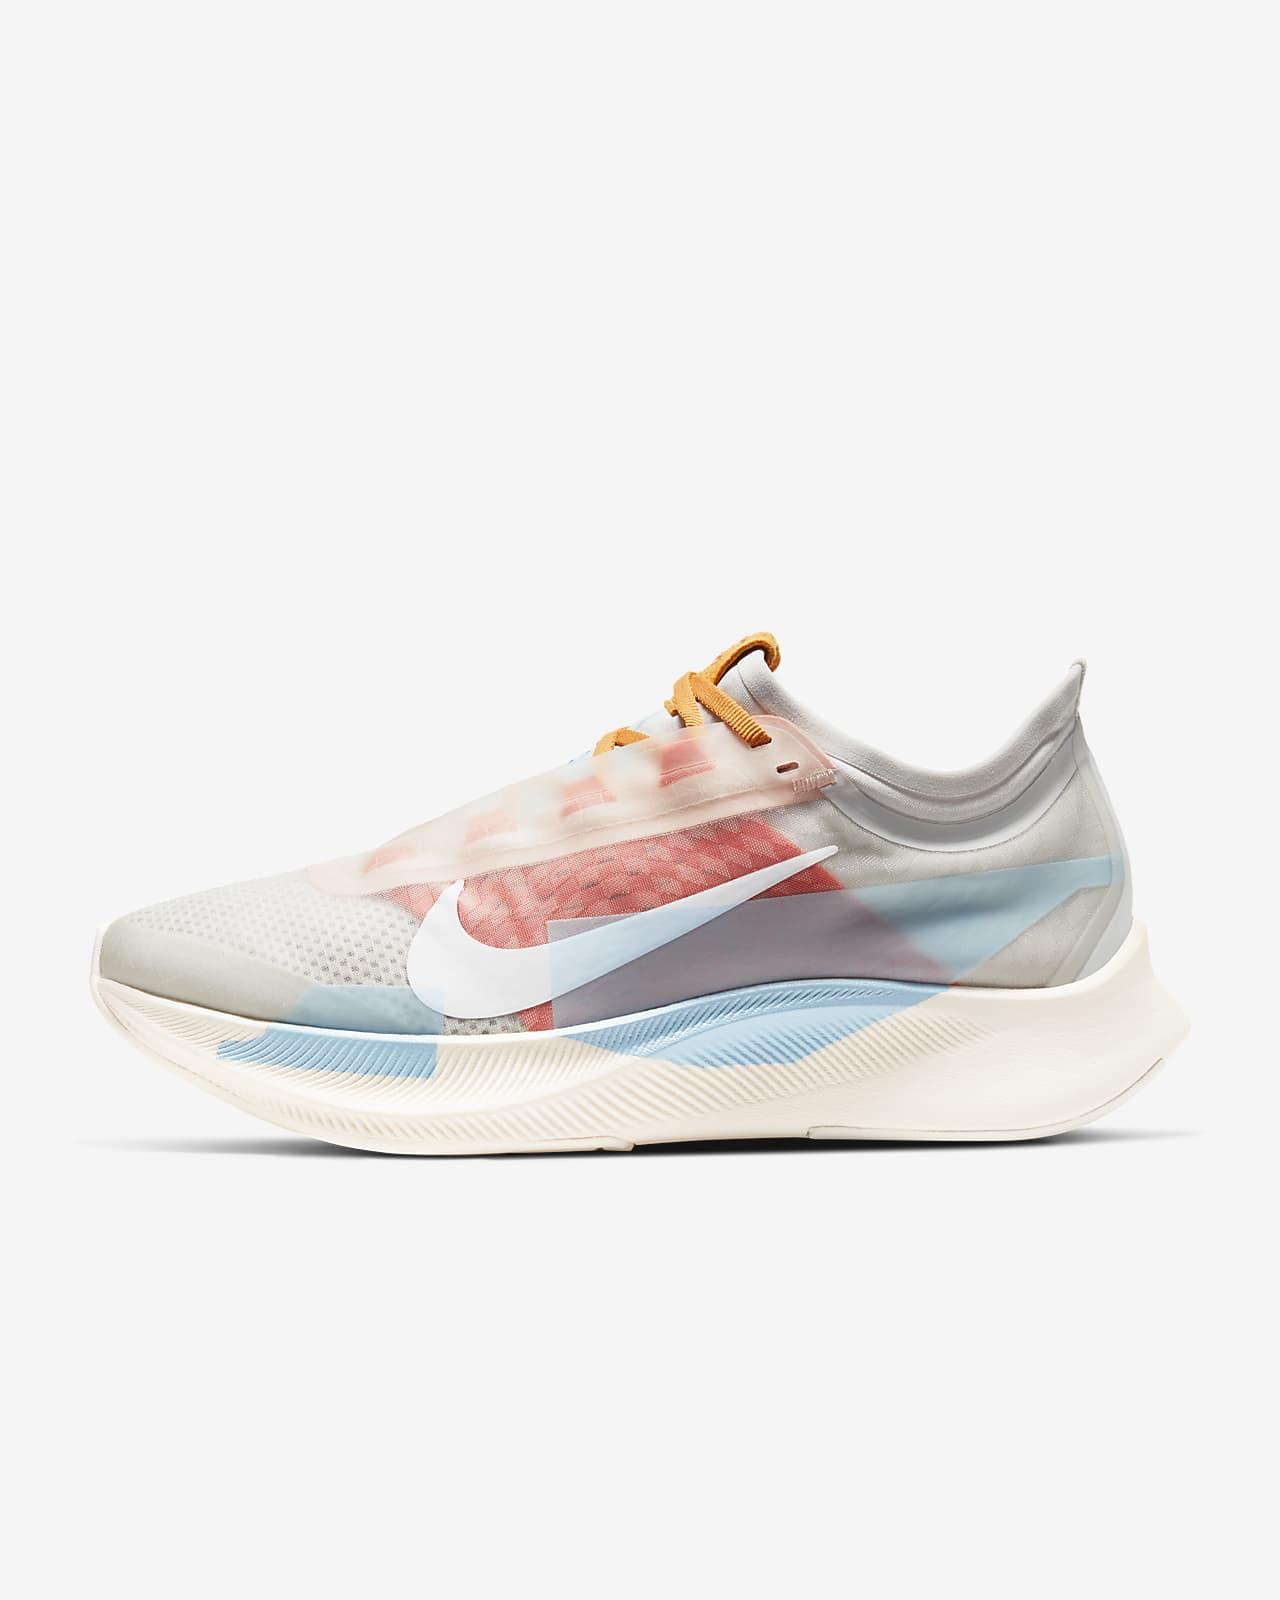 Nike Zoom Fly 3 Premium Hardloopschoen voor dames